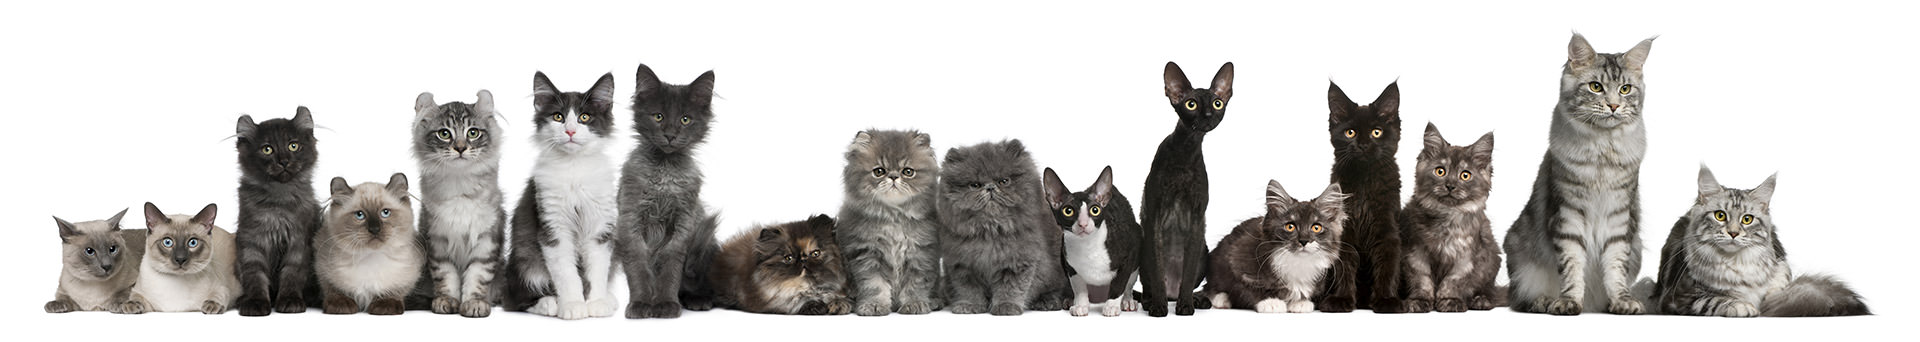 pension pour chat Montpellier, pension féline Montpellier, chatterie Montpellier, faire garder son chat Montpellier